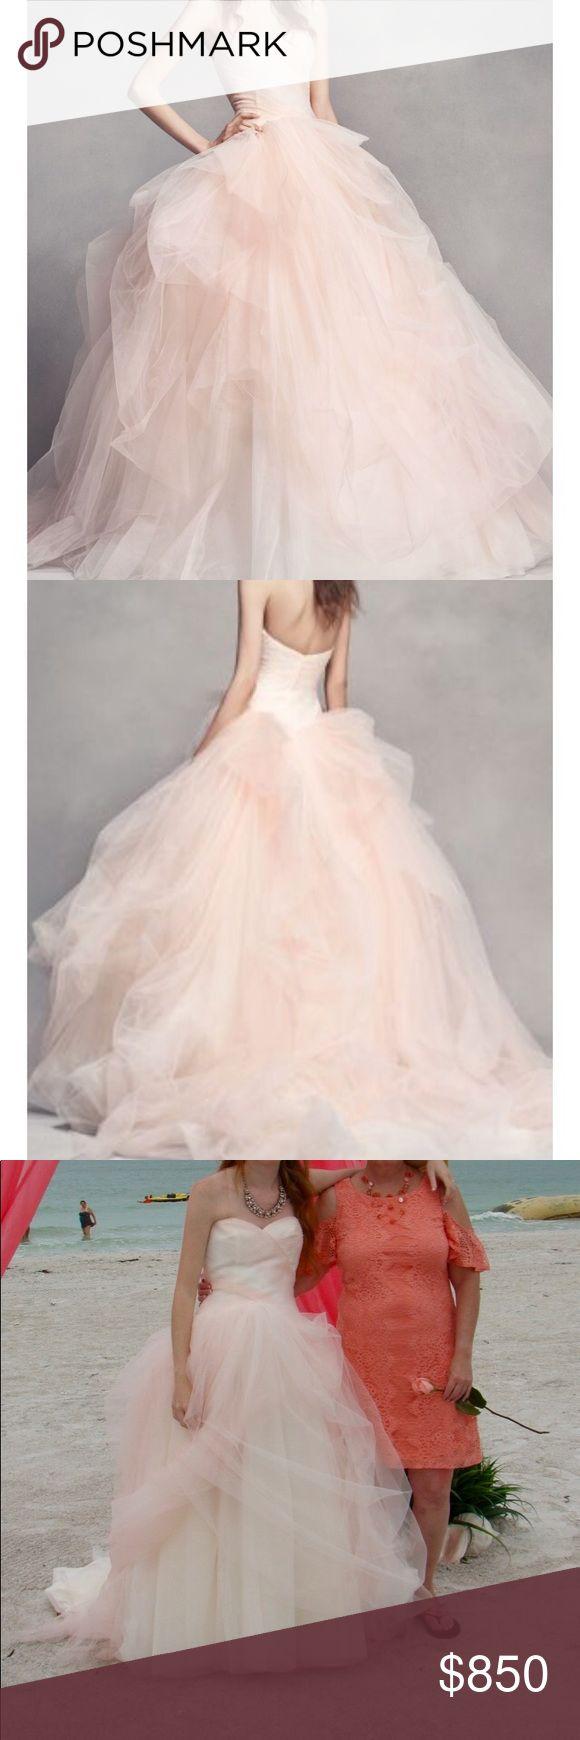 •Vera Wang• Wedding Dress Stunning blush ombré wedding dress by Vera Wang. … – My Posh Closet